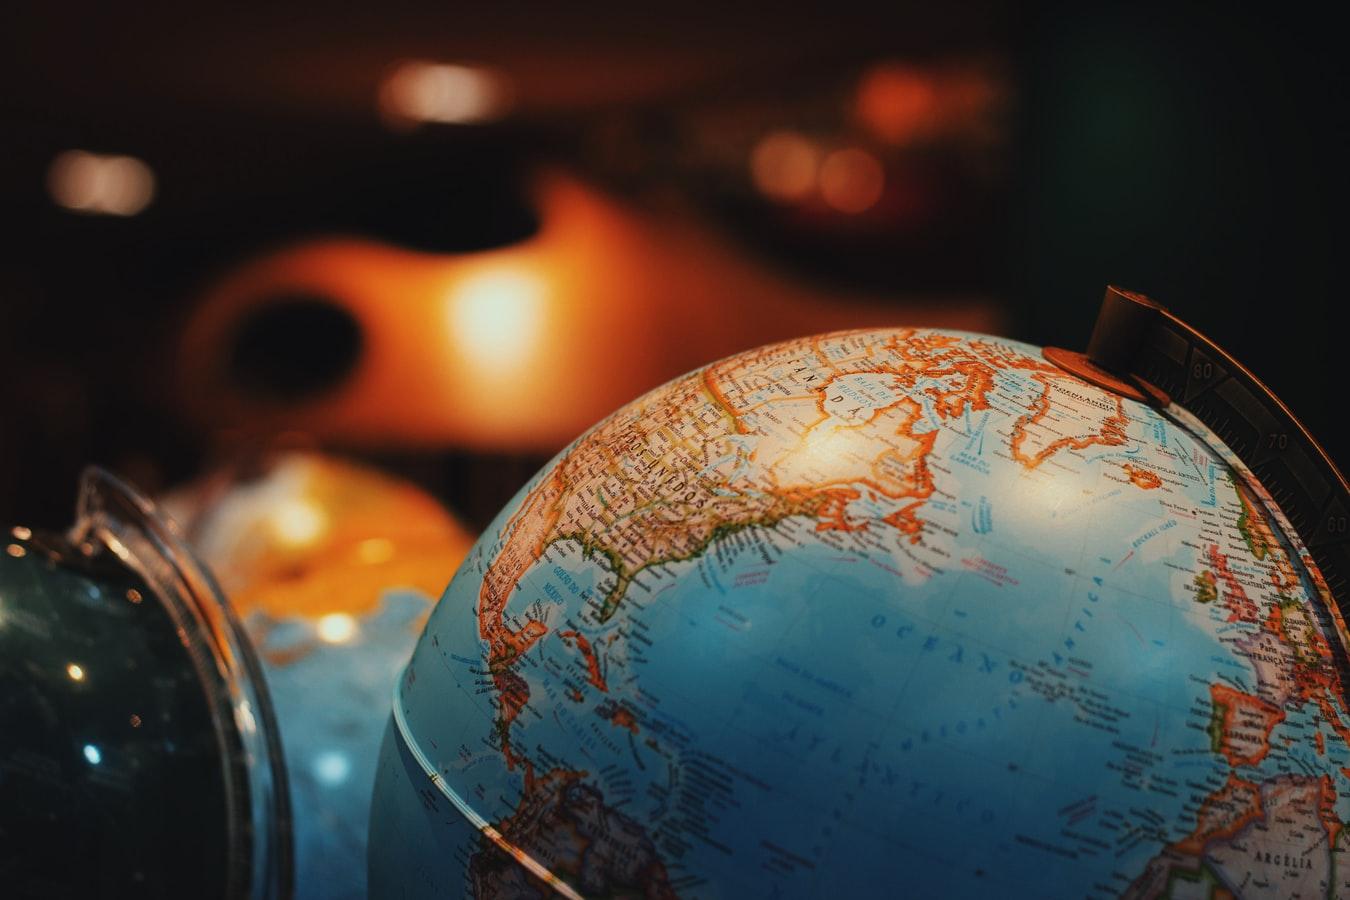 Εἰρήνη ὑμῖν – Ο κόσμος μας γίνεται χρόνο με το χρόνο και λιγότερο ειρηνικός